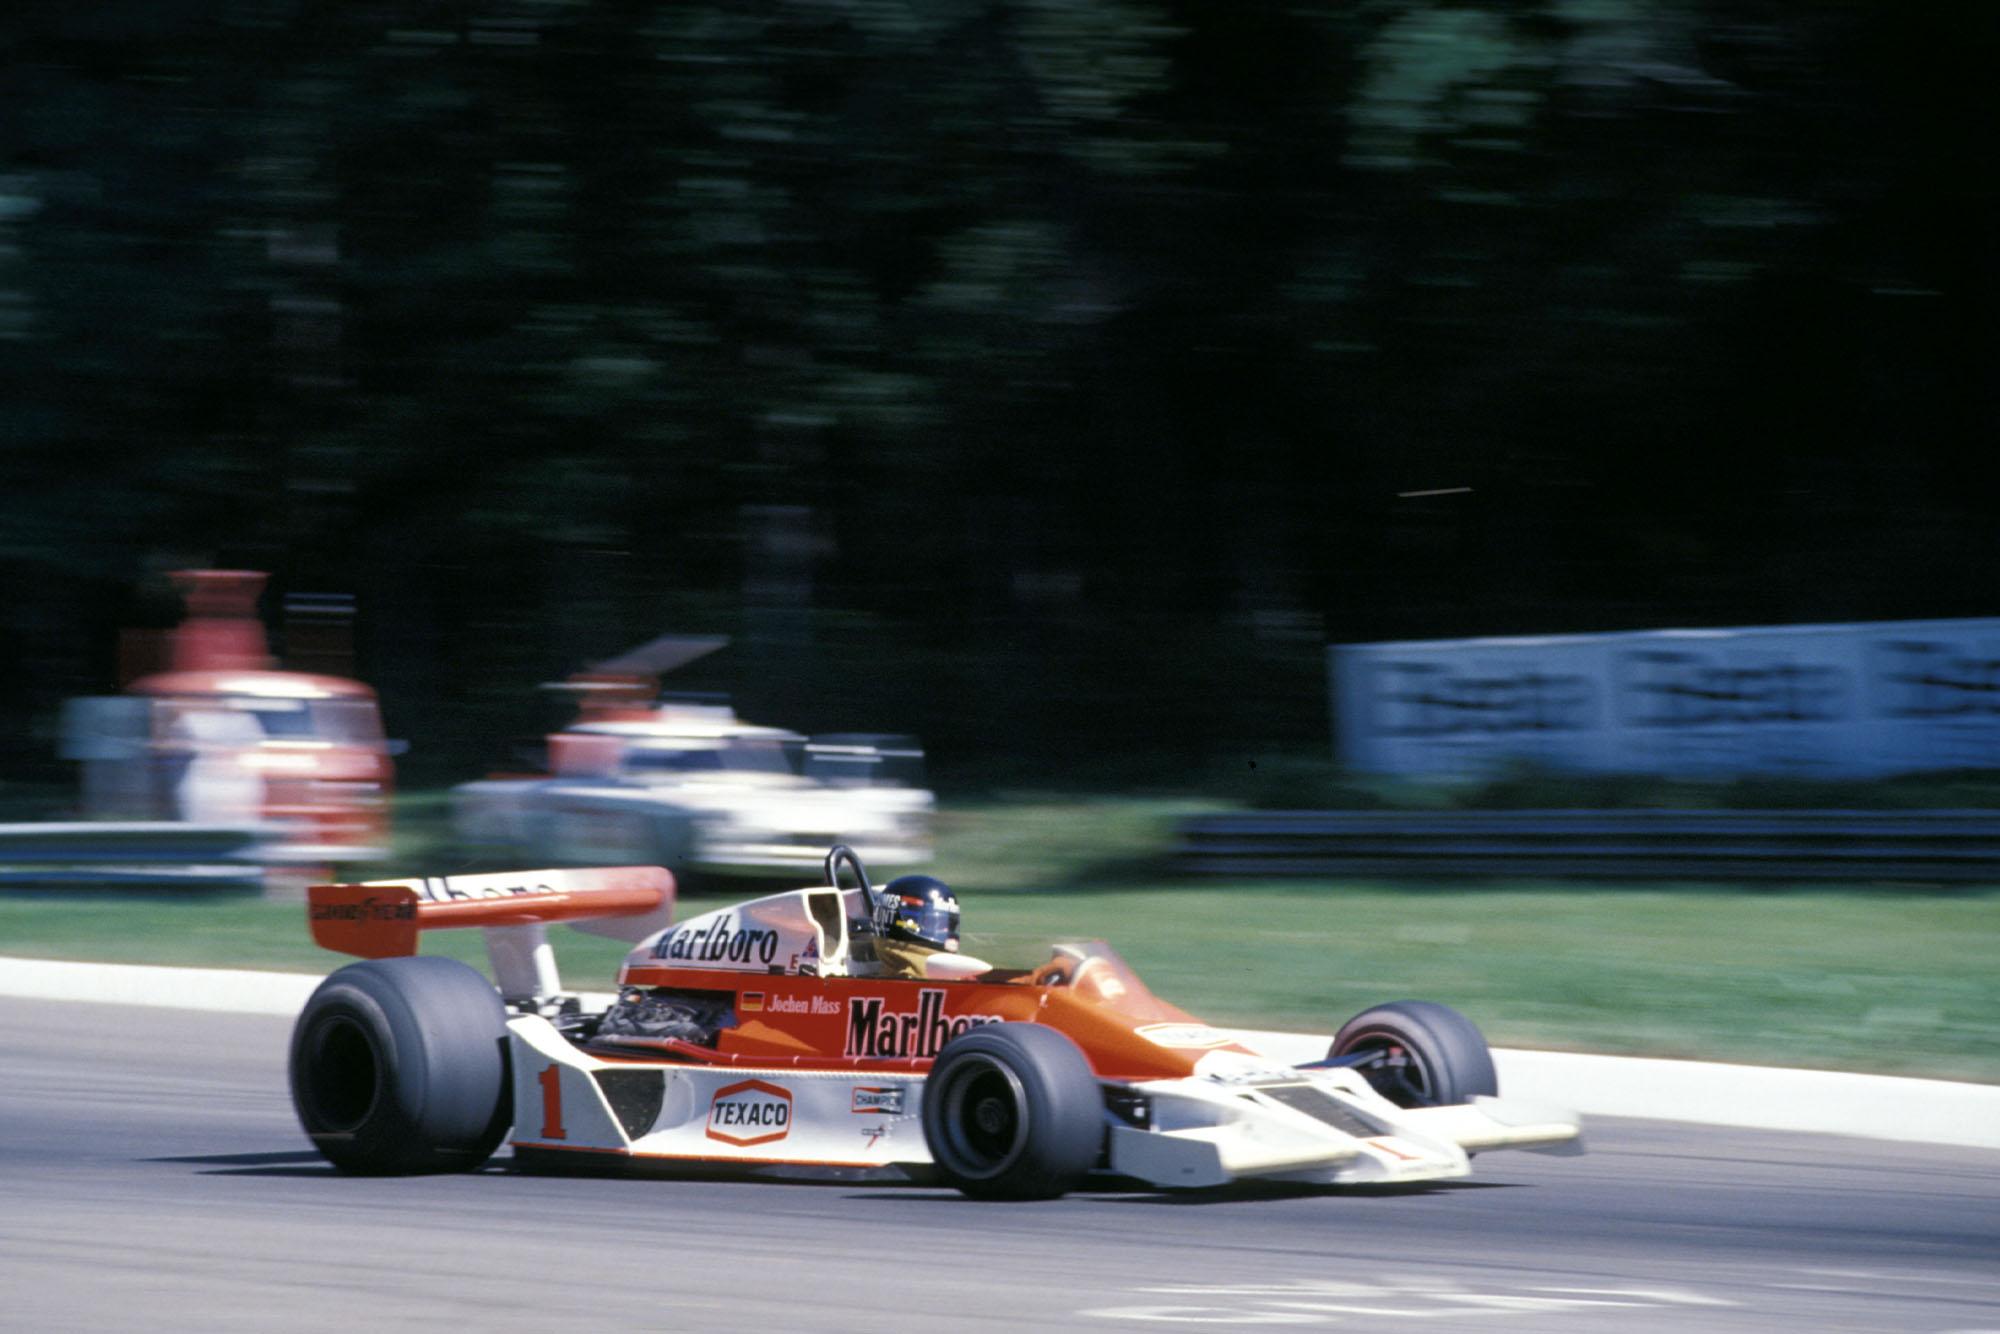 James Hunt (McLaren) at the 1977 Italian Grand Prix, Monza.